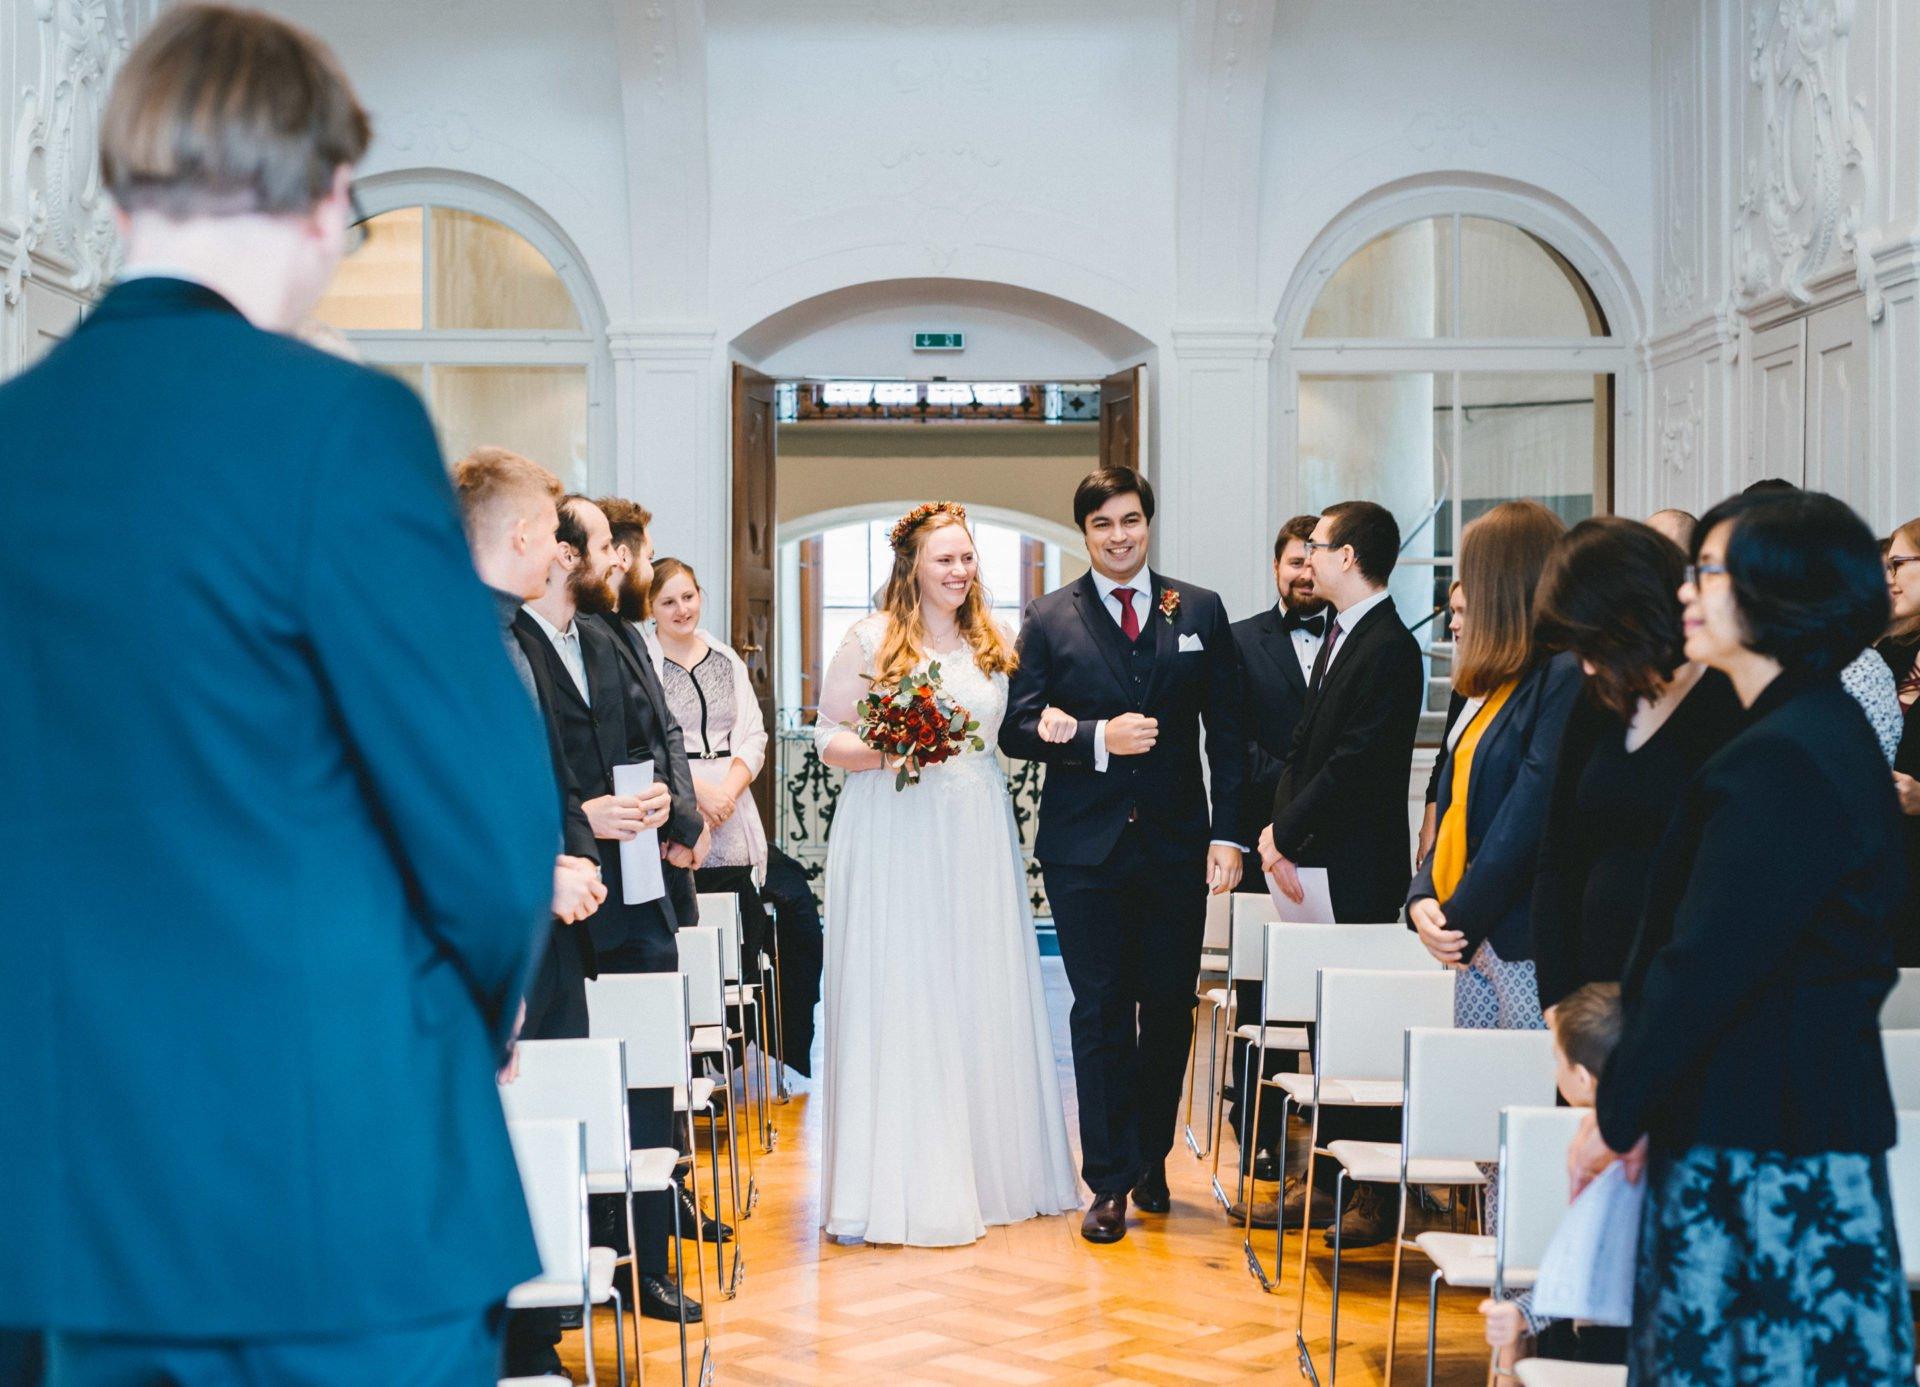 50mmfreunde Weimar Ettersburg Hochzeit KarolineMark Trauung 1 1920x1387 - Karoline & Mark